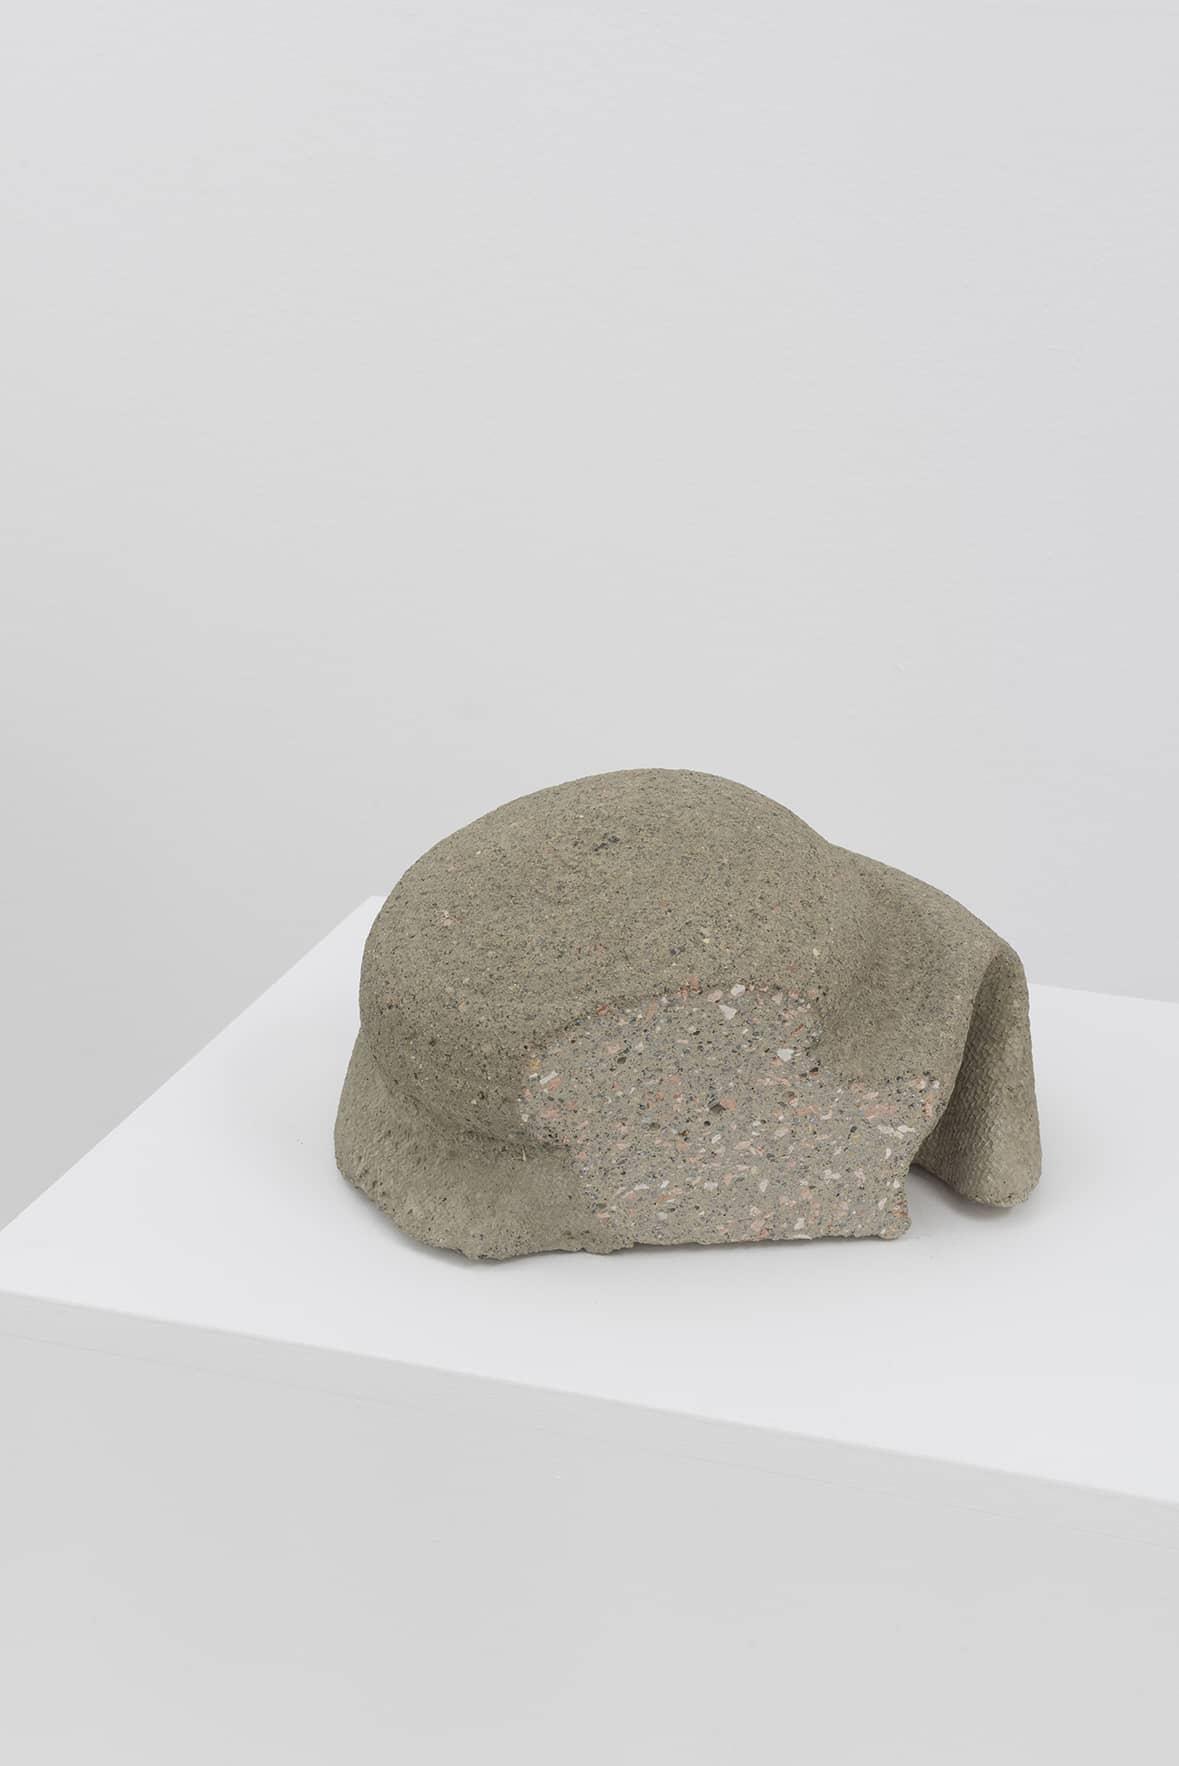 Stilfragen (crania), 2016 |  | ProjecteSD